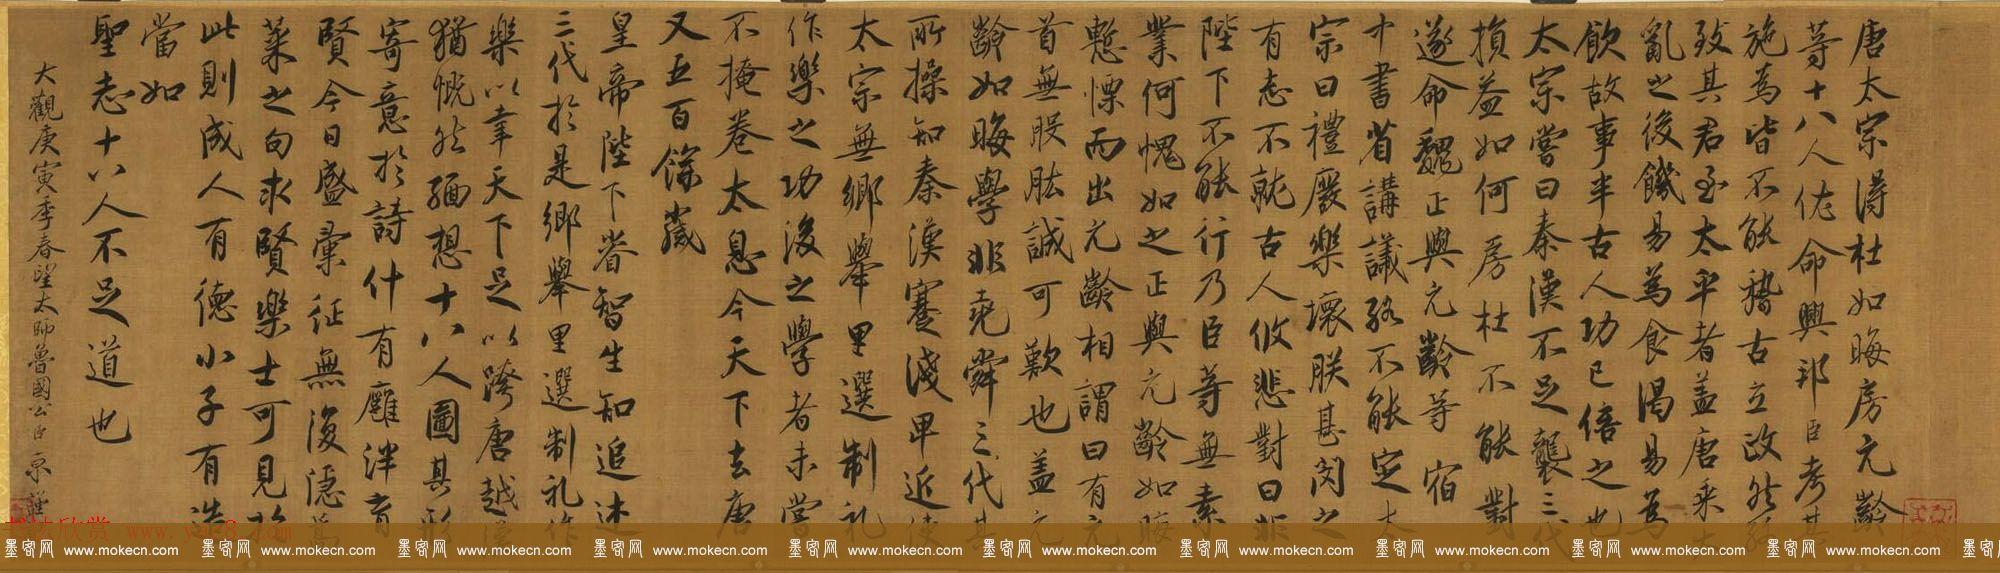 蔡京书法题跋欣赏《跋宋徽宗唐十八学士图卷》